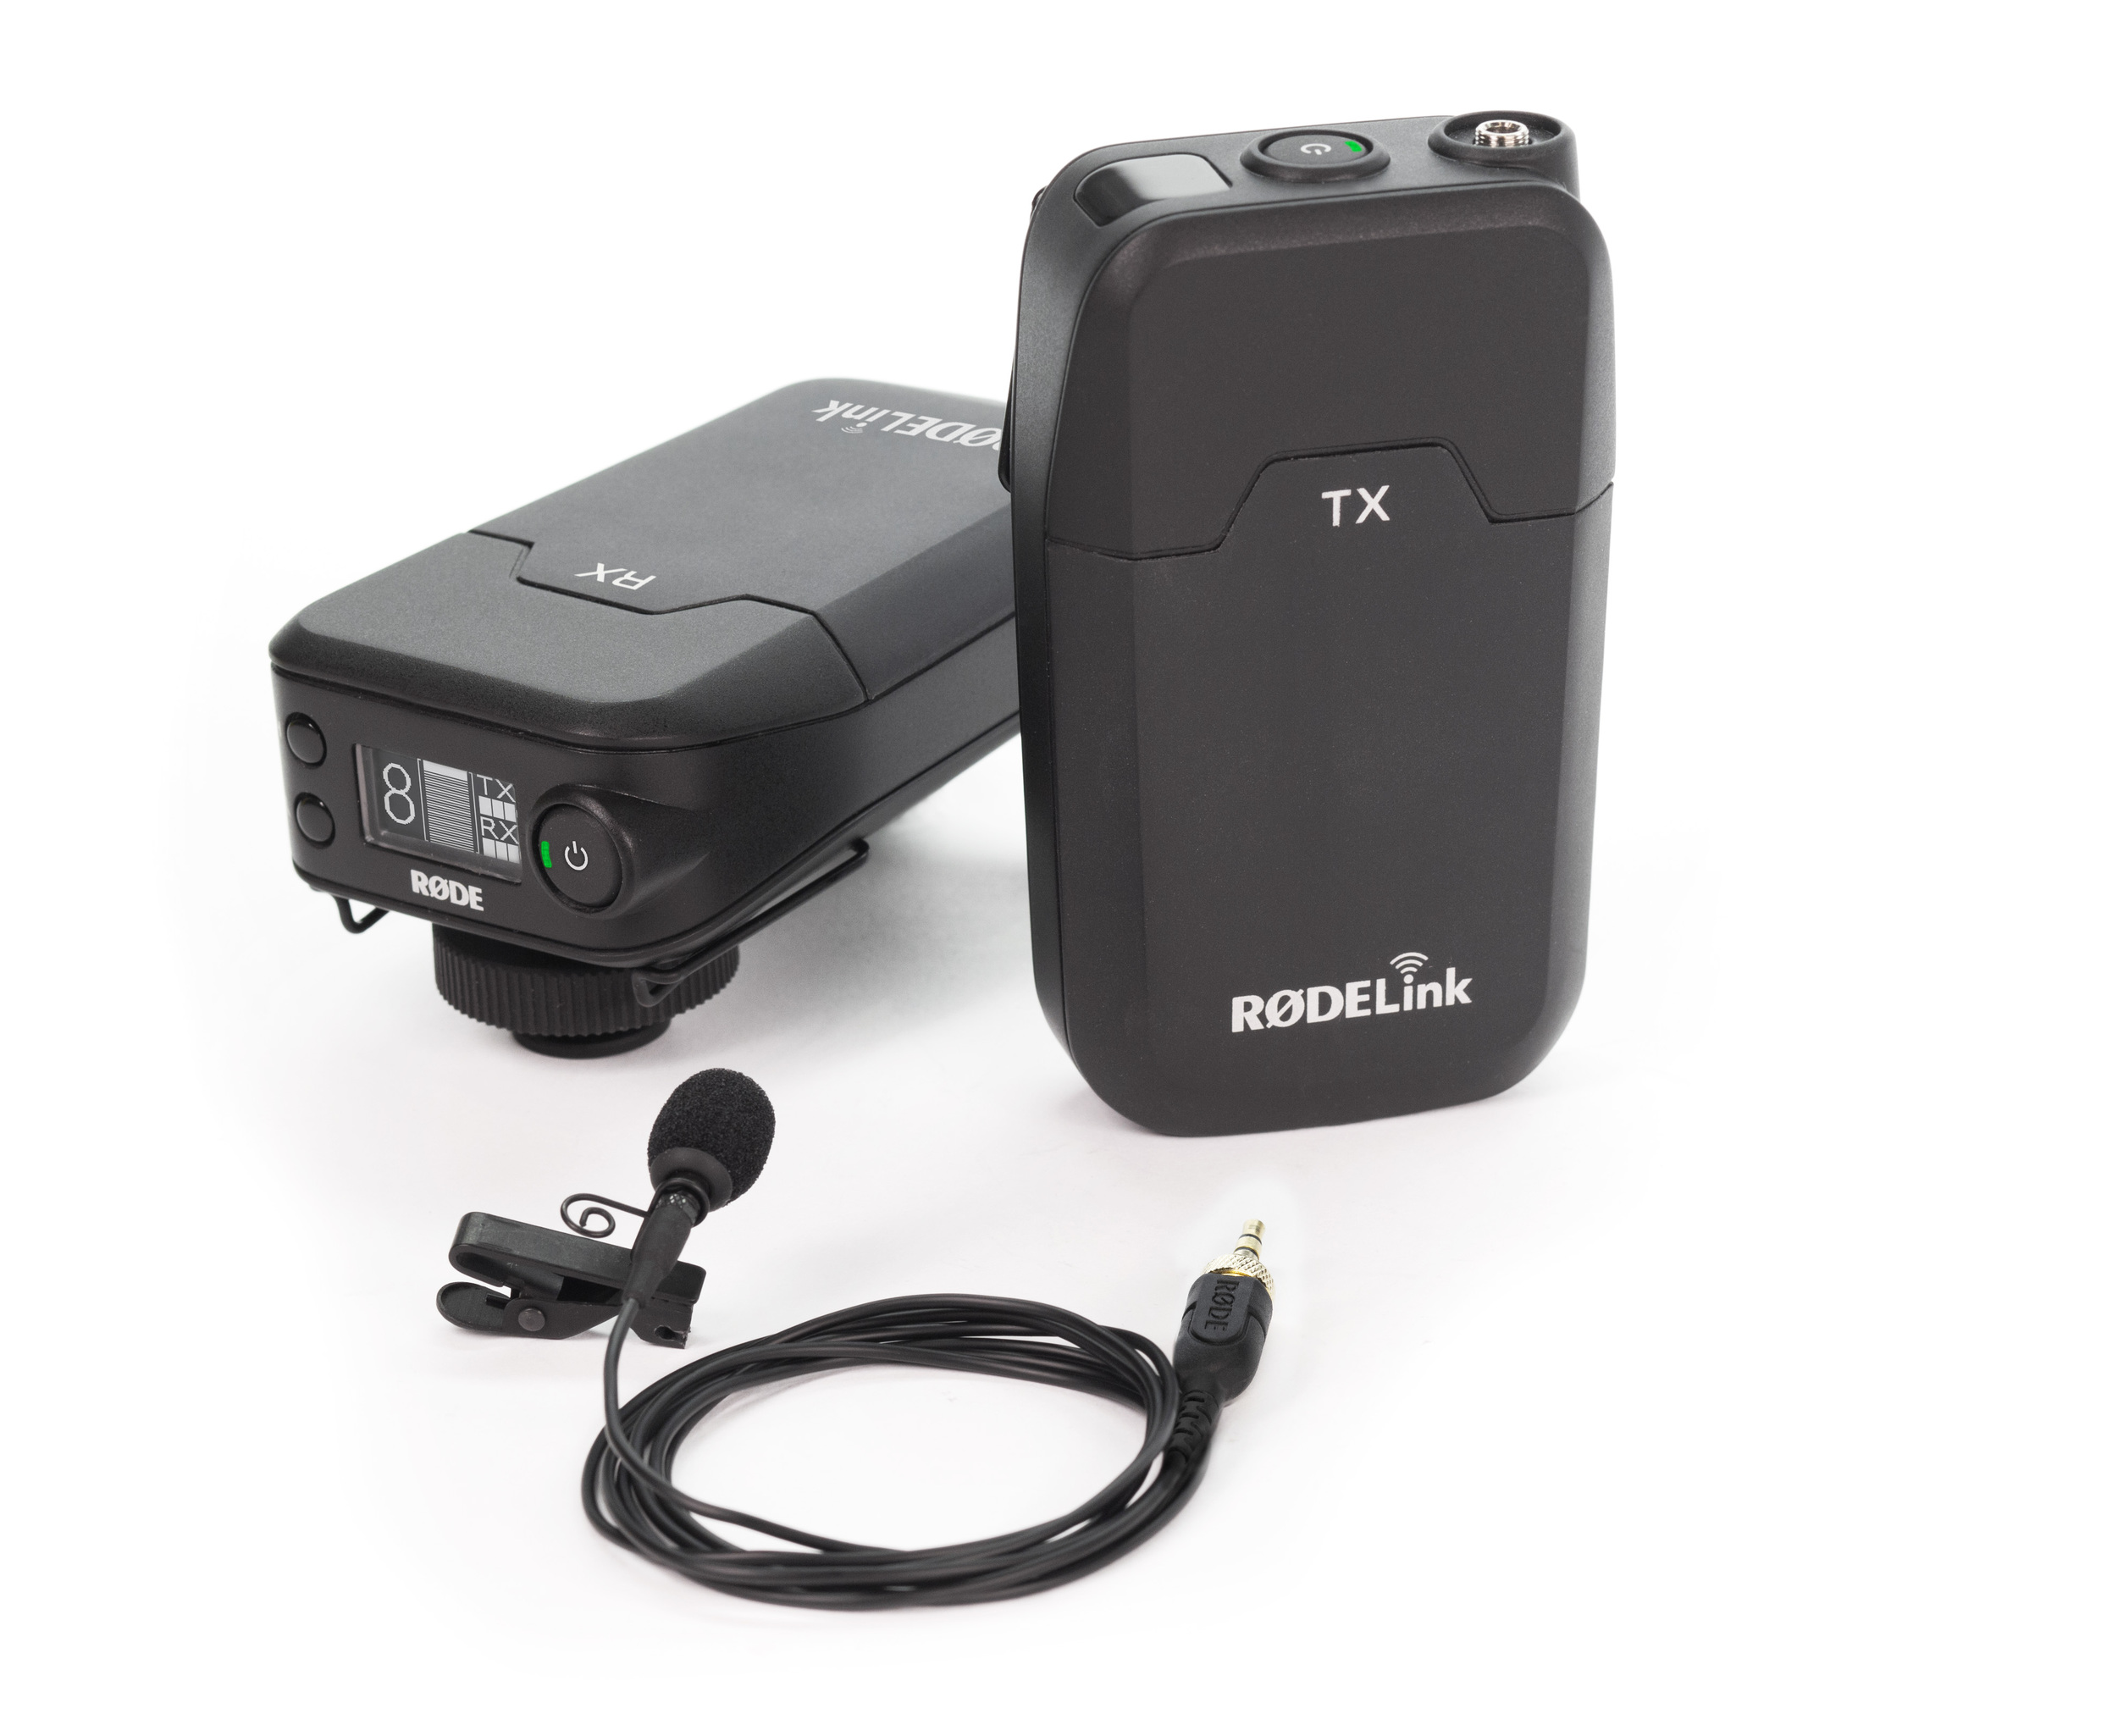 RODE Filmmaker Kit (RX,TX) RodeLink digitális vezeték nélküli csíptetős mikrofon készlet, RX CAM kamera vevő, TX BELT zsebadó, Lavalier csíptetős mikr